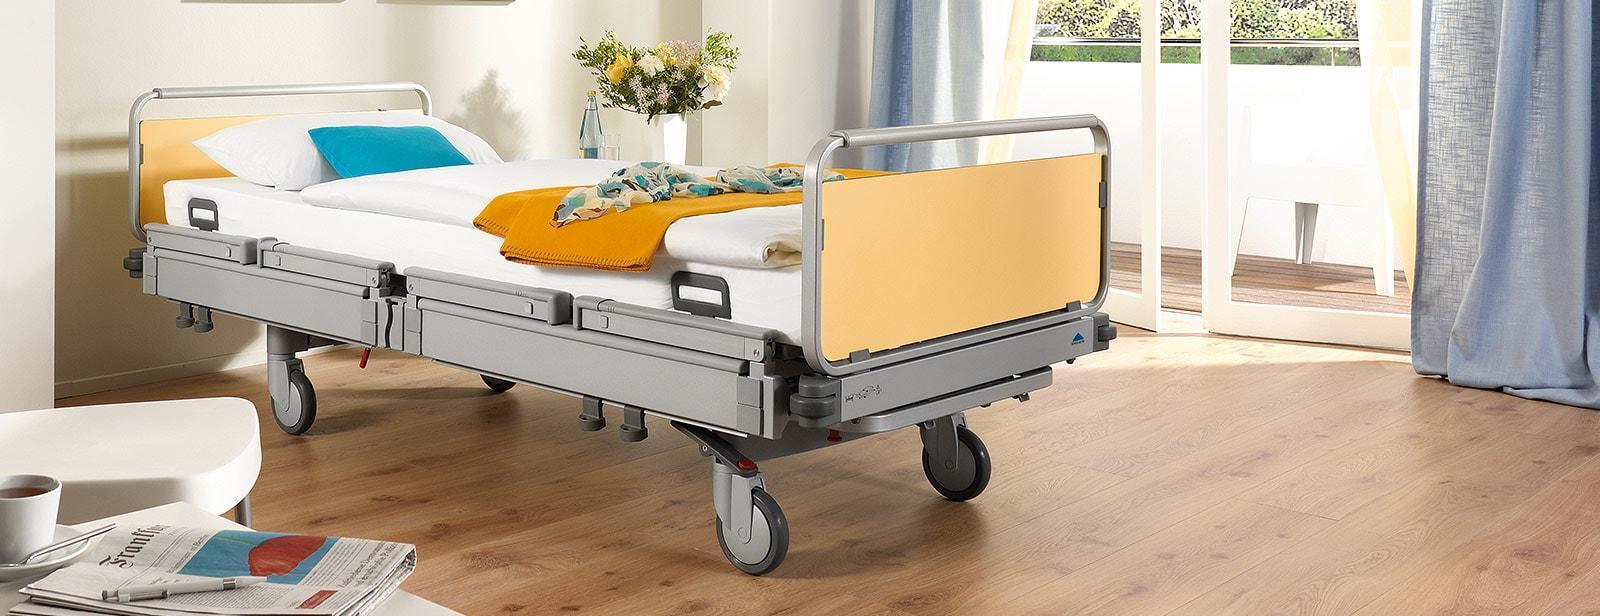 Как получить кровать для инвалида за счет государственного бюджета